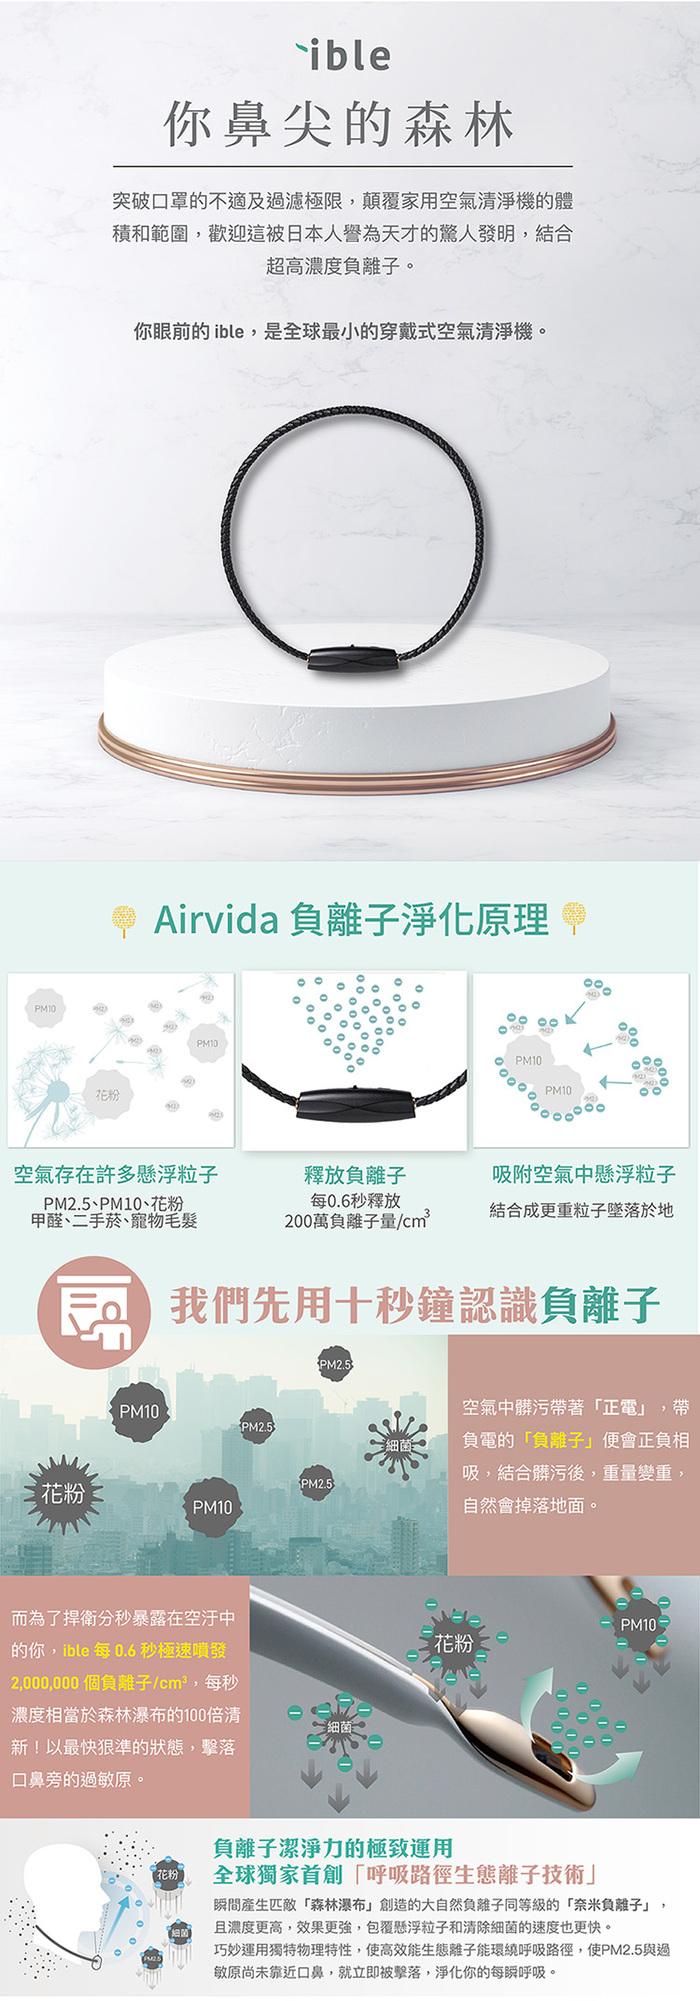 ible|Airvida M1鈦項圈穿戴式空氣清淨機(經典編織款)